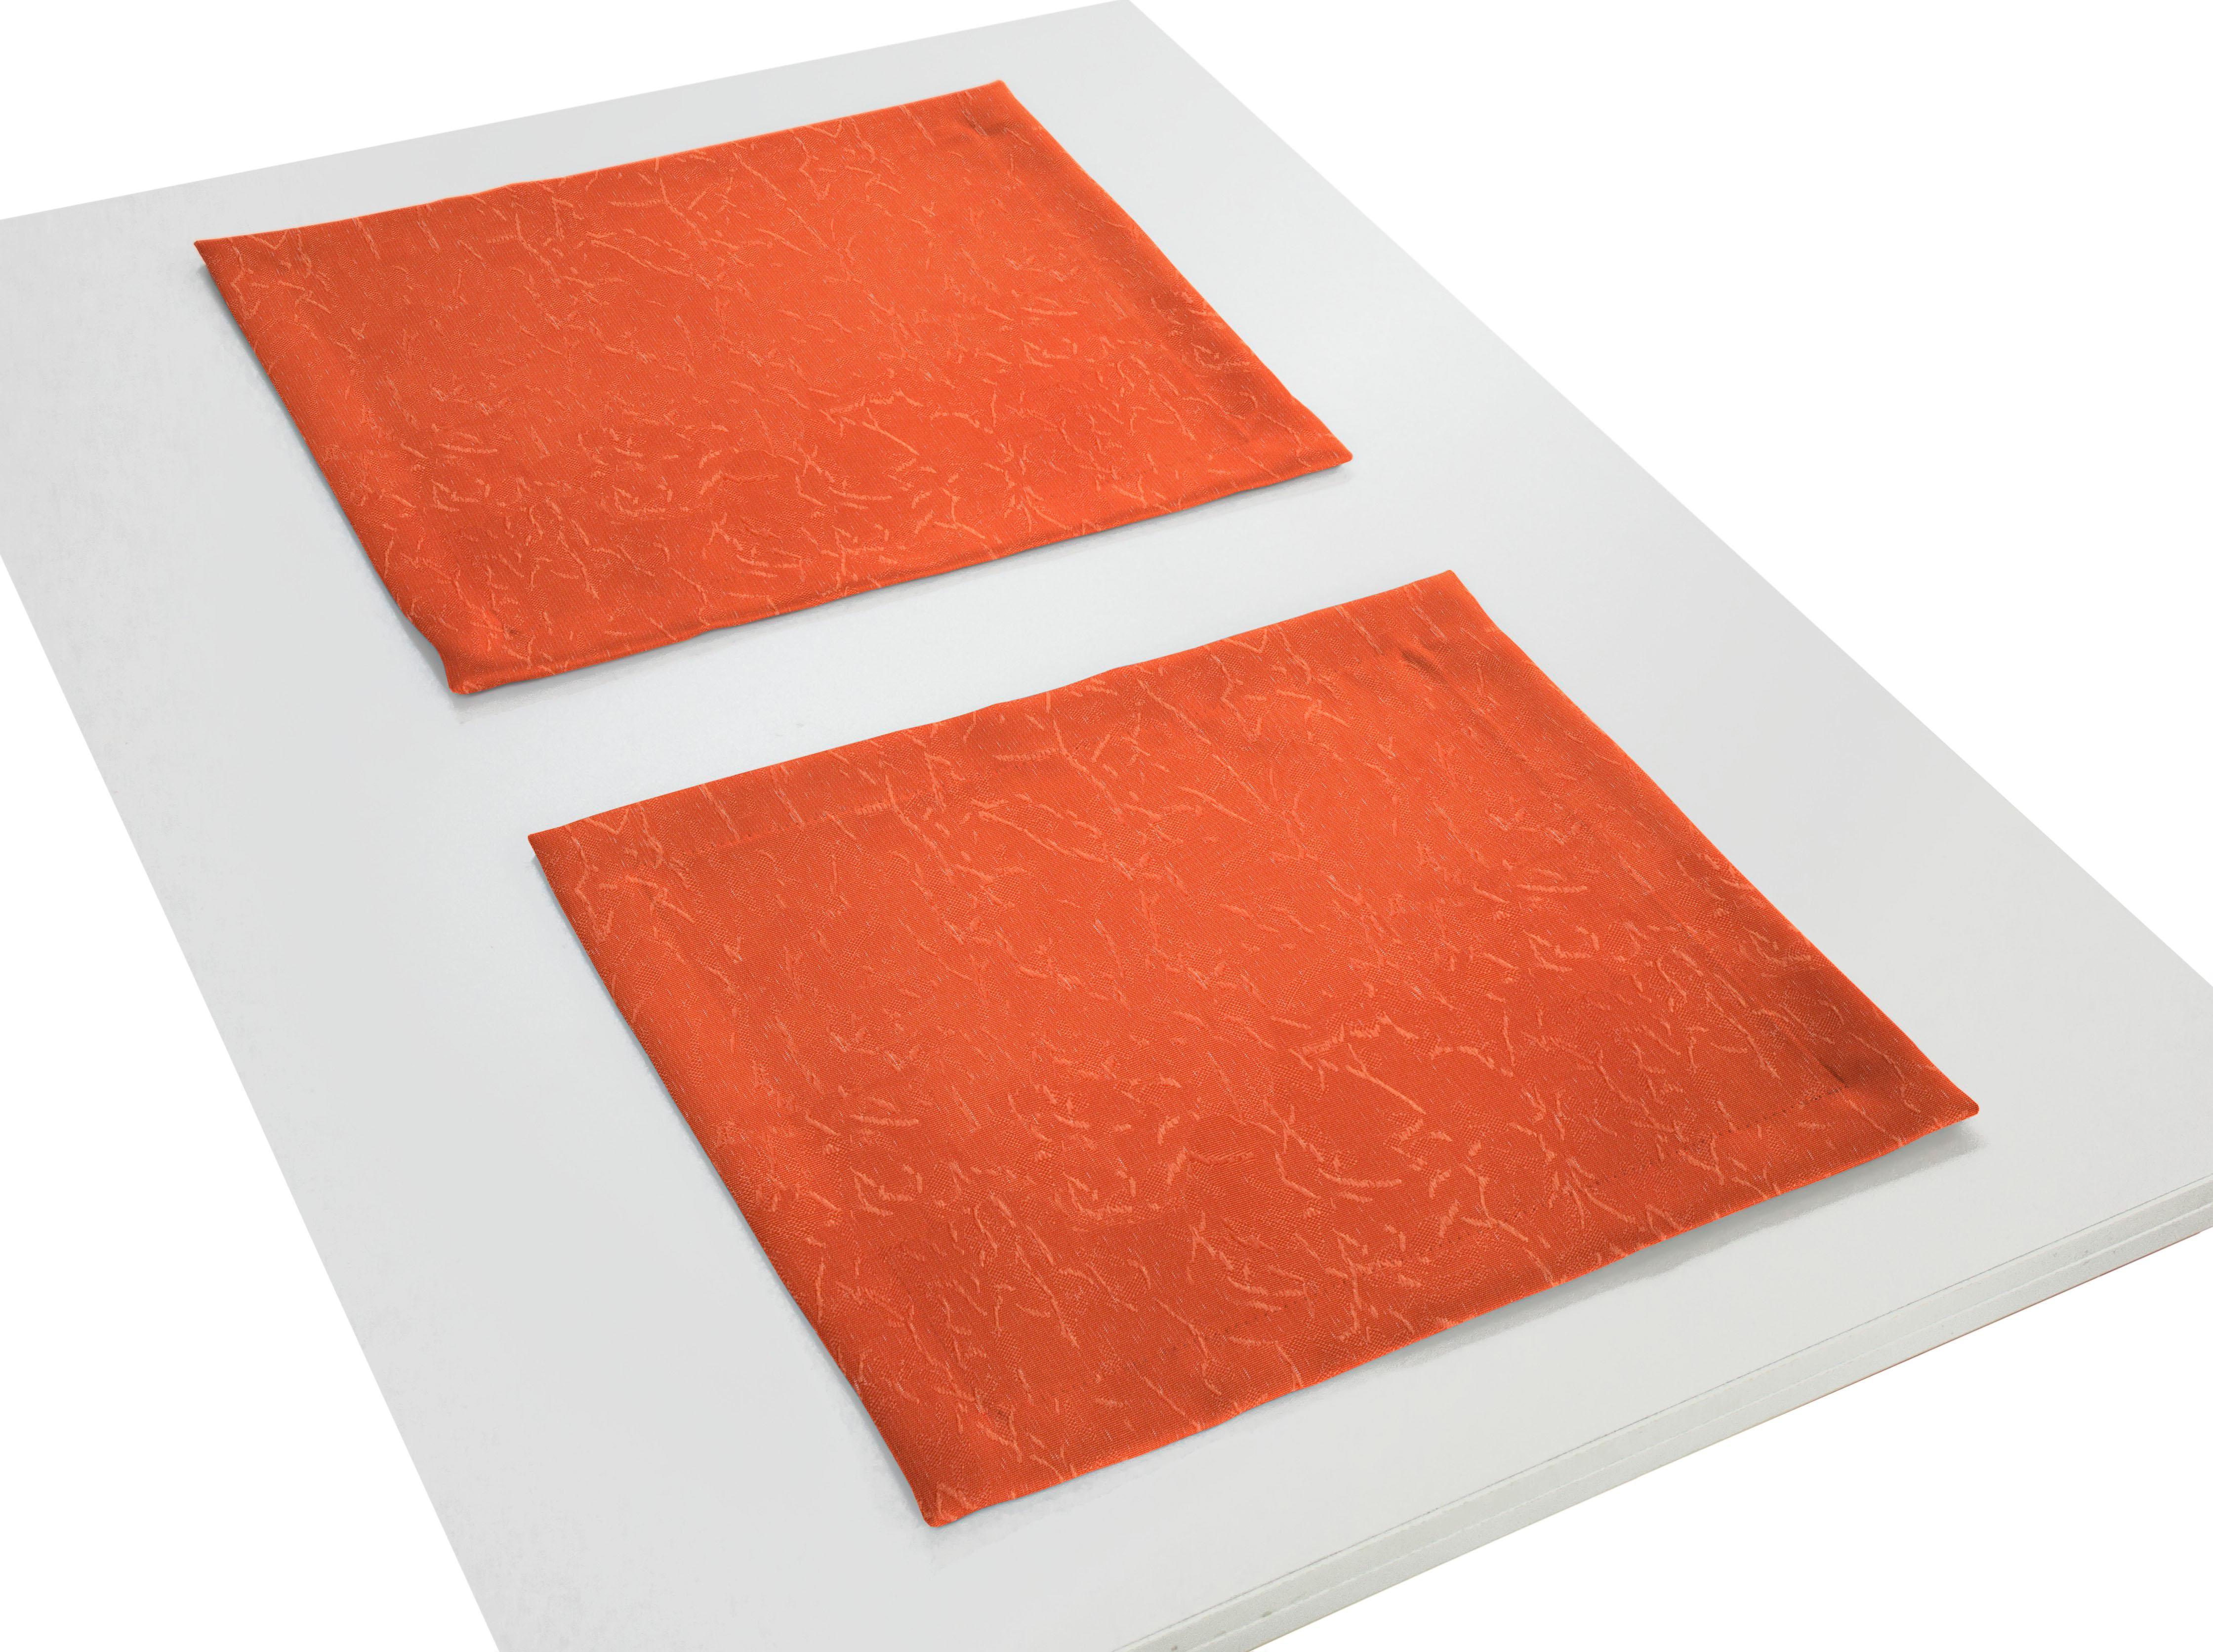 Platzset Lahnstein Wirth (Packung 2-tlg) | Heimtextilien > Tischdecken und Co > Platz-Sets | Orange | Wirth